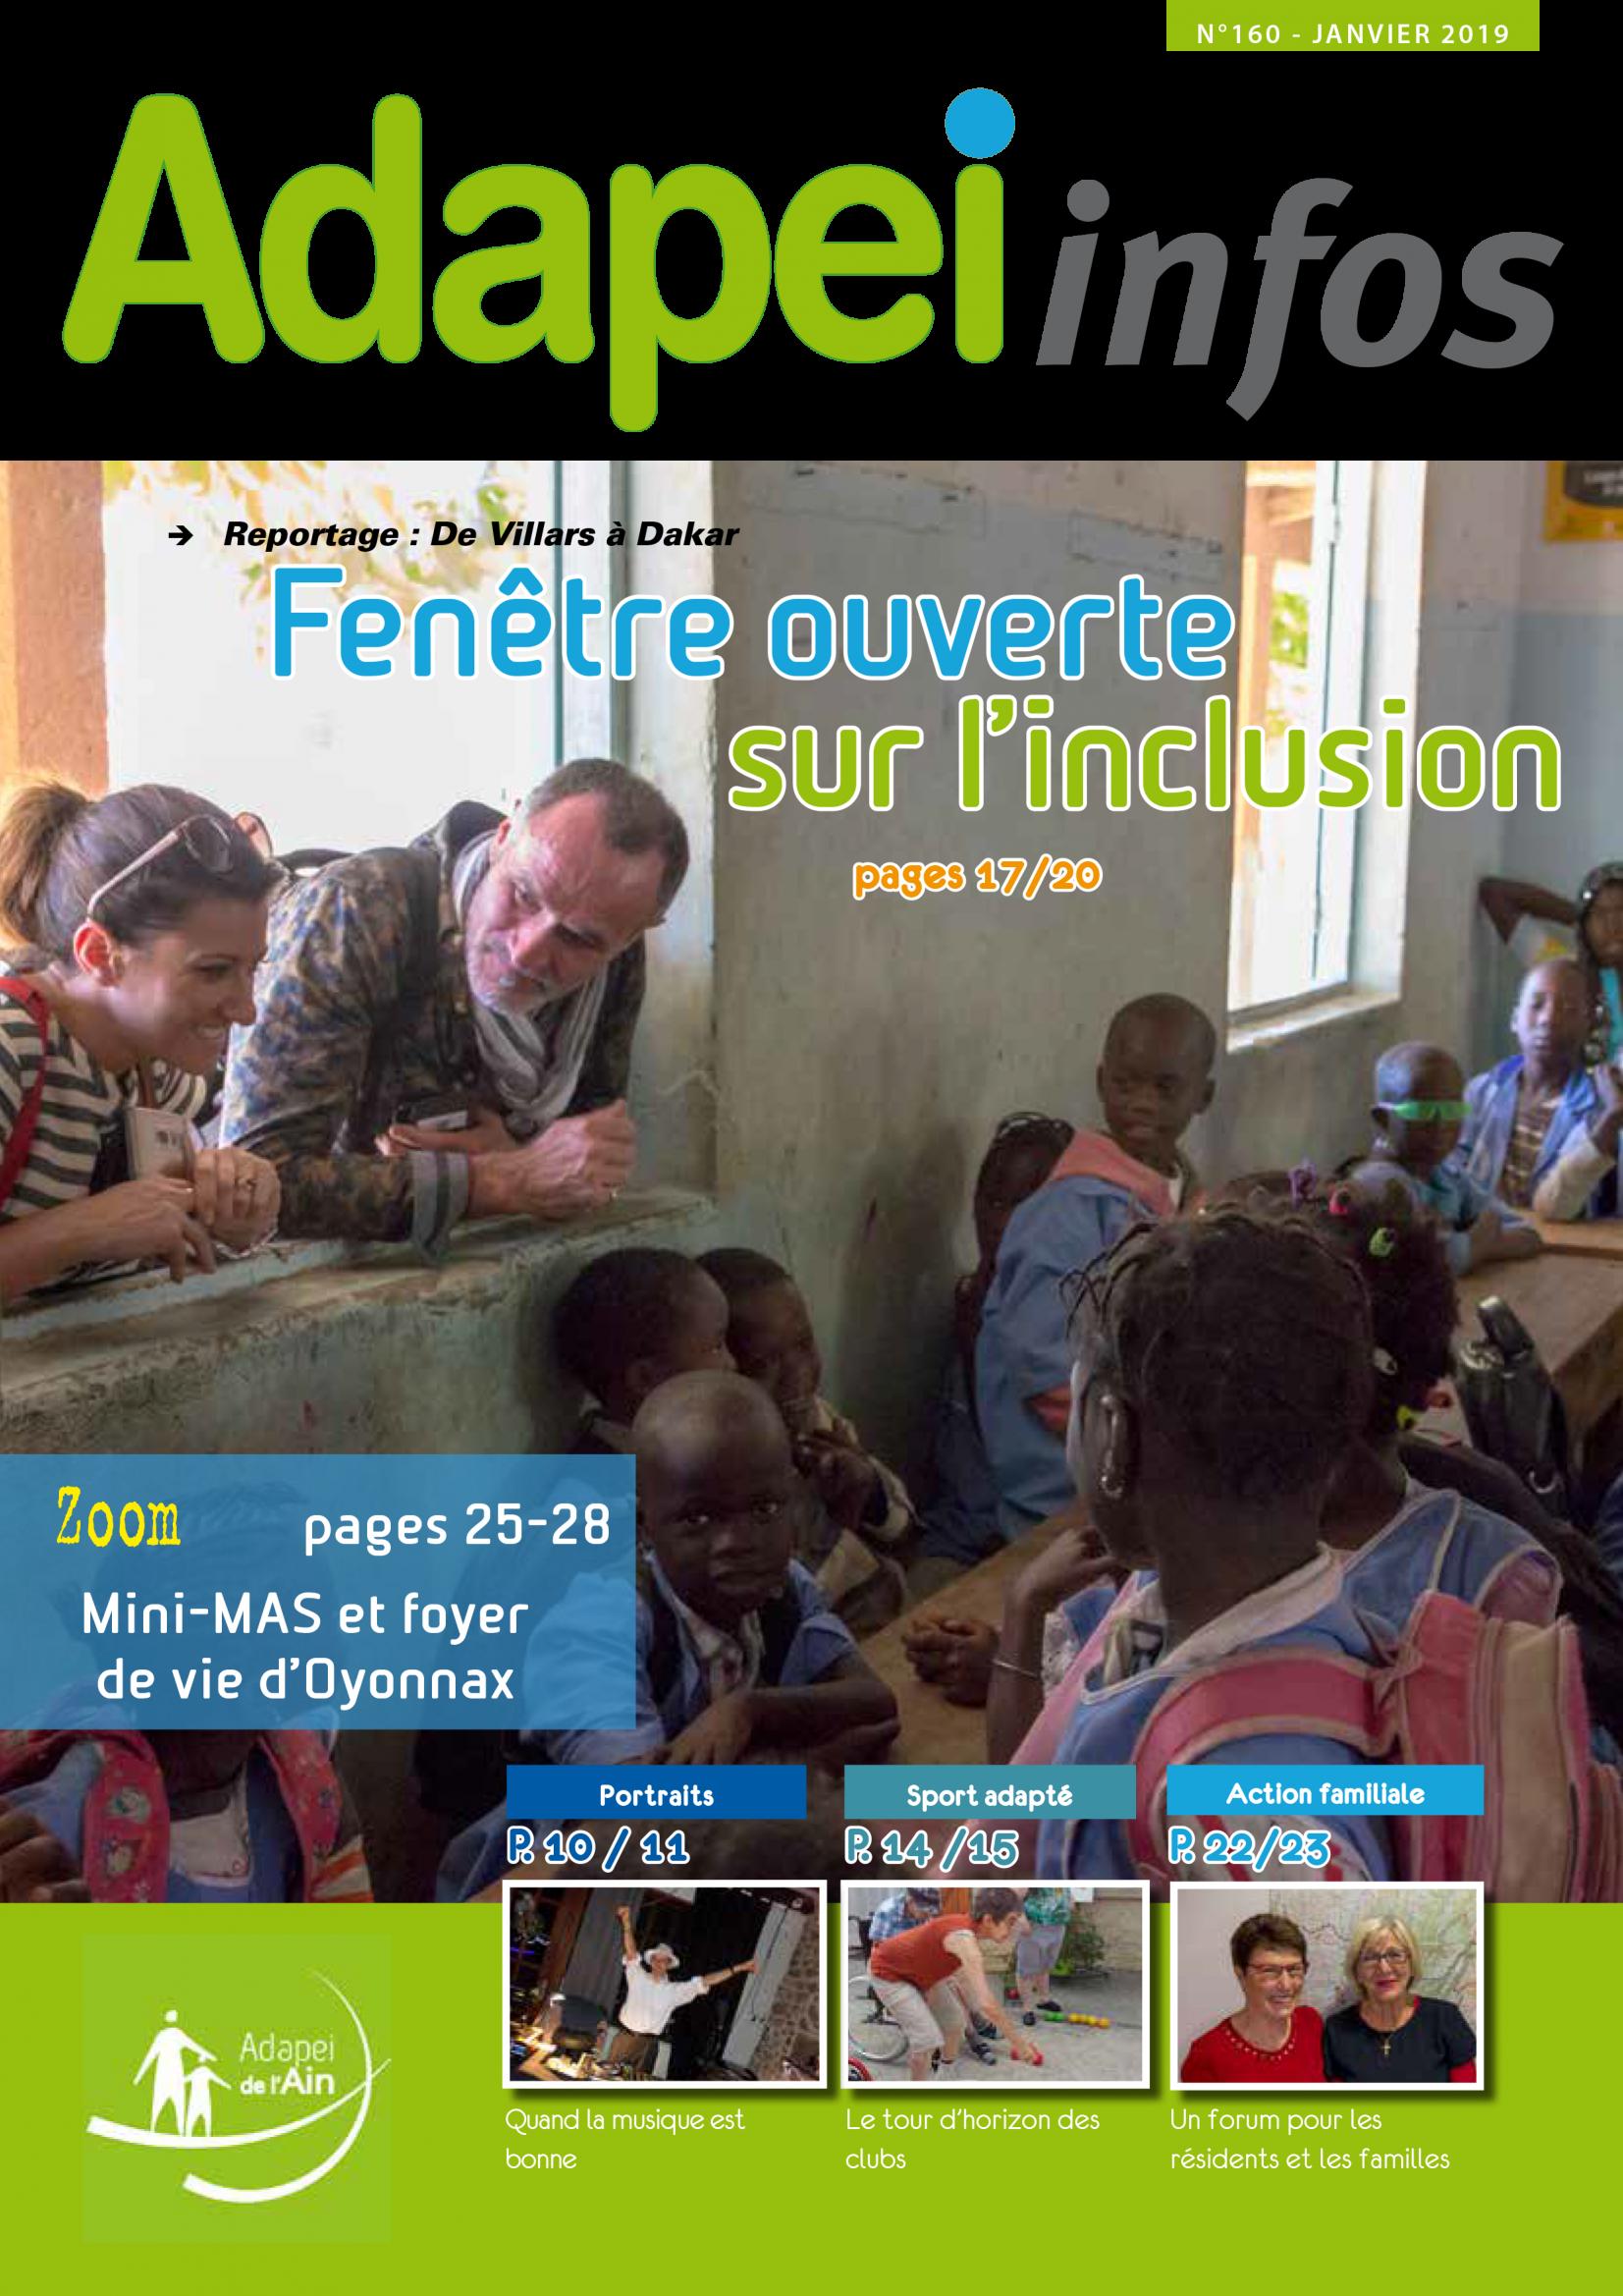 Adapei infos - Janvier 2019